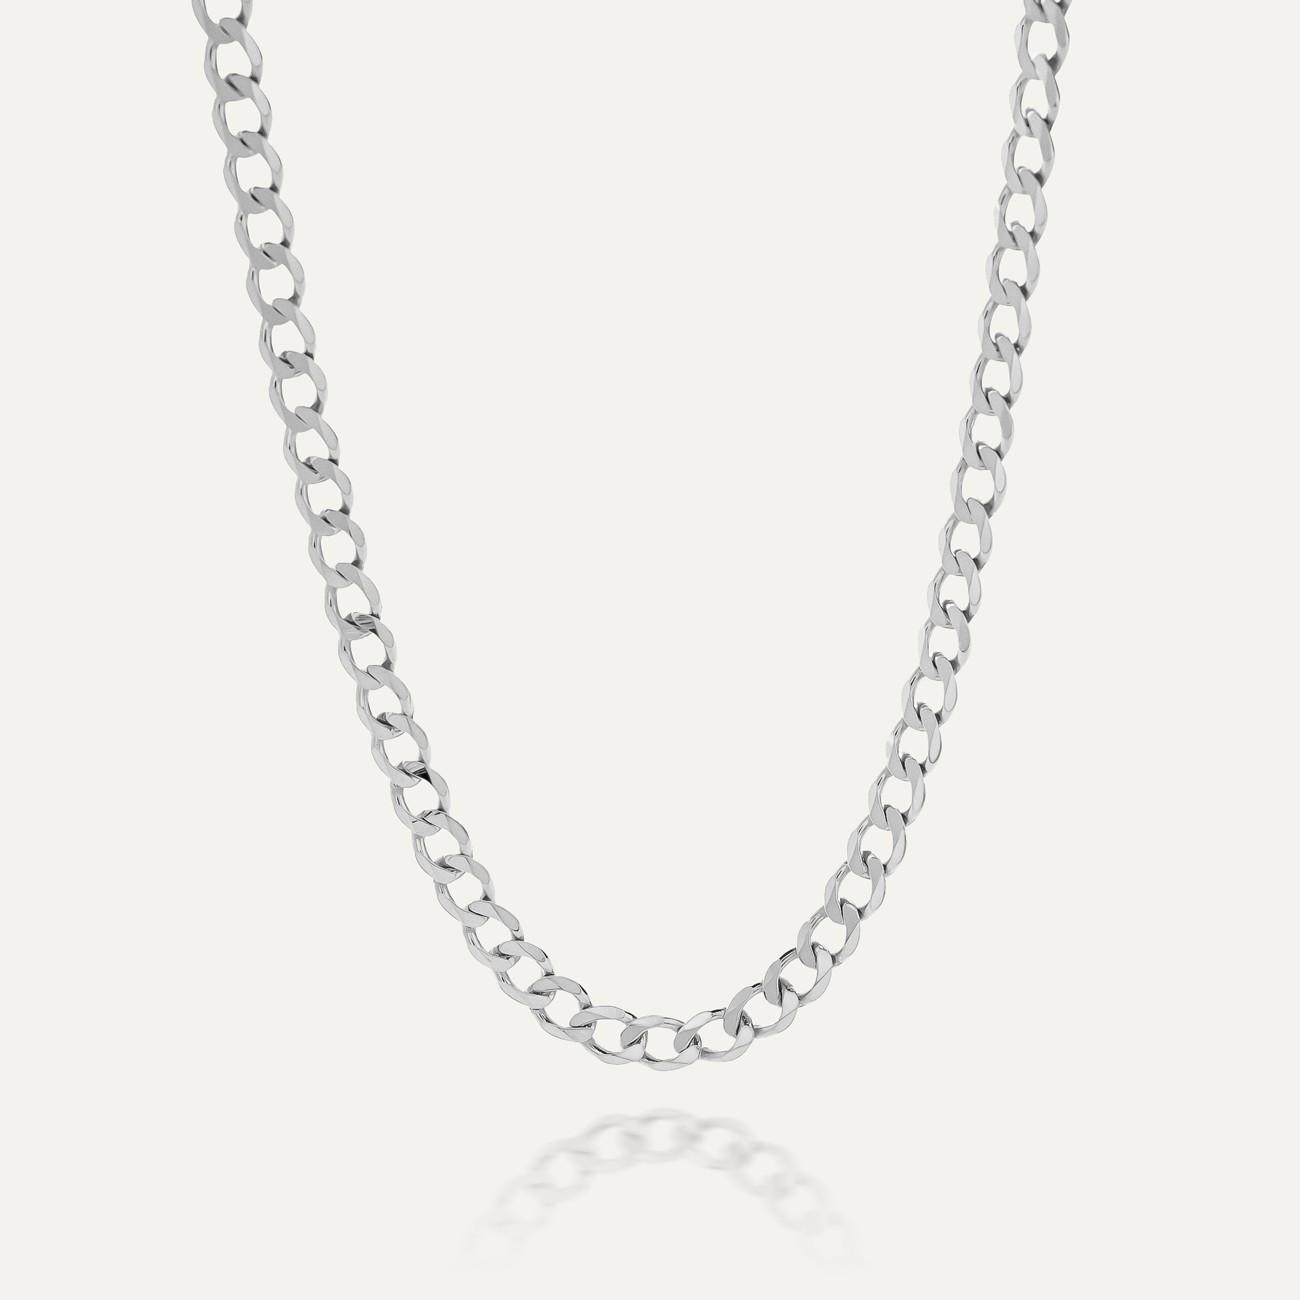 Męski łańcuszek pancerka, srebro 925